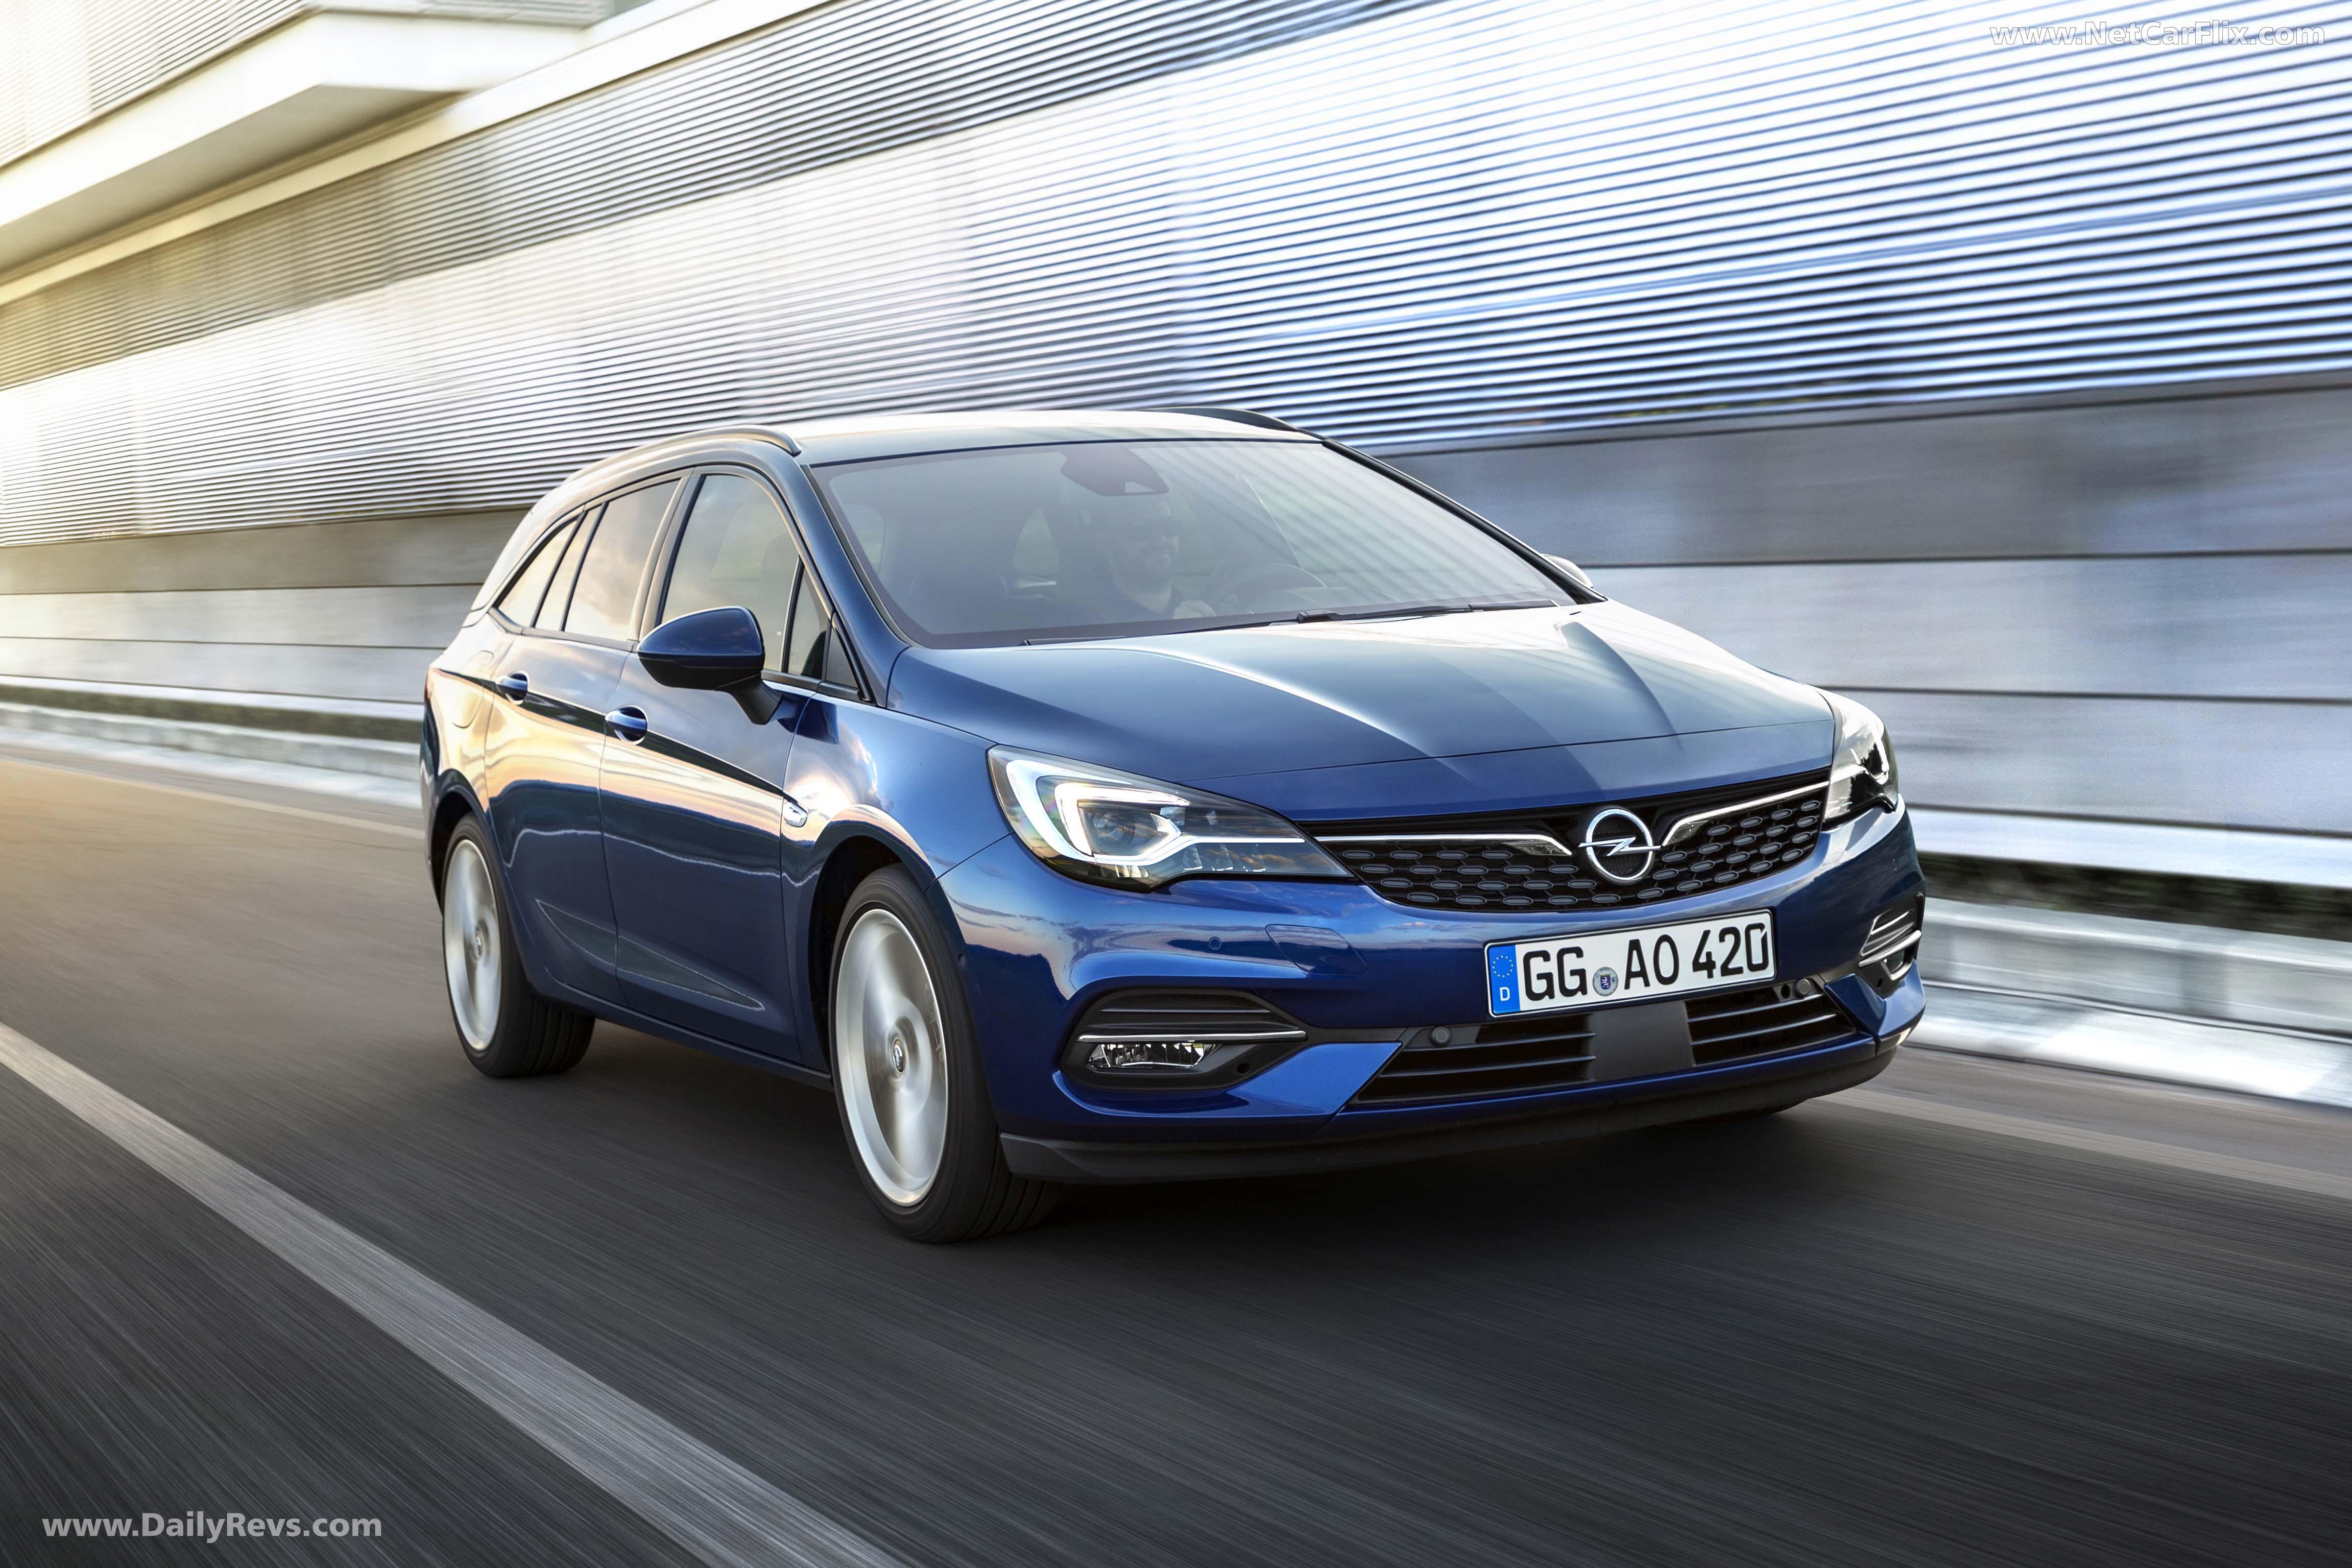 2020 Opel Astra Sports Tourer full